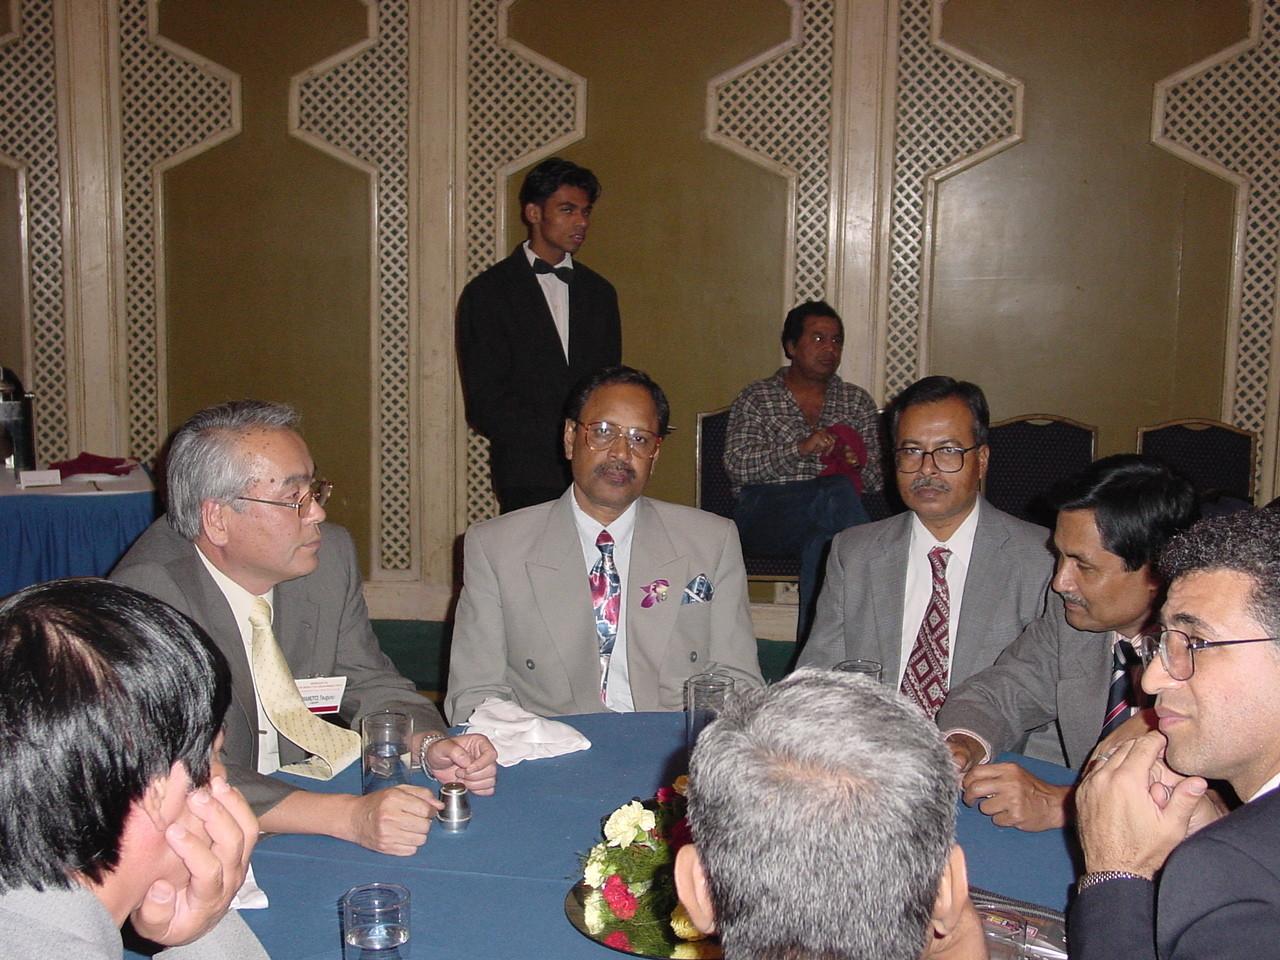 2002.11, APO International forum in Delhi representing Japan at the meeting